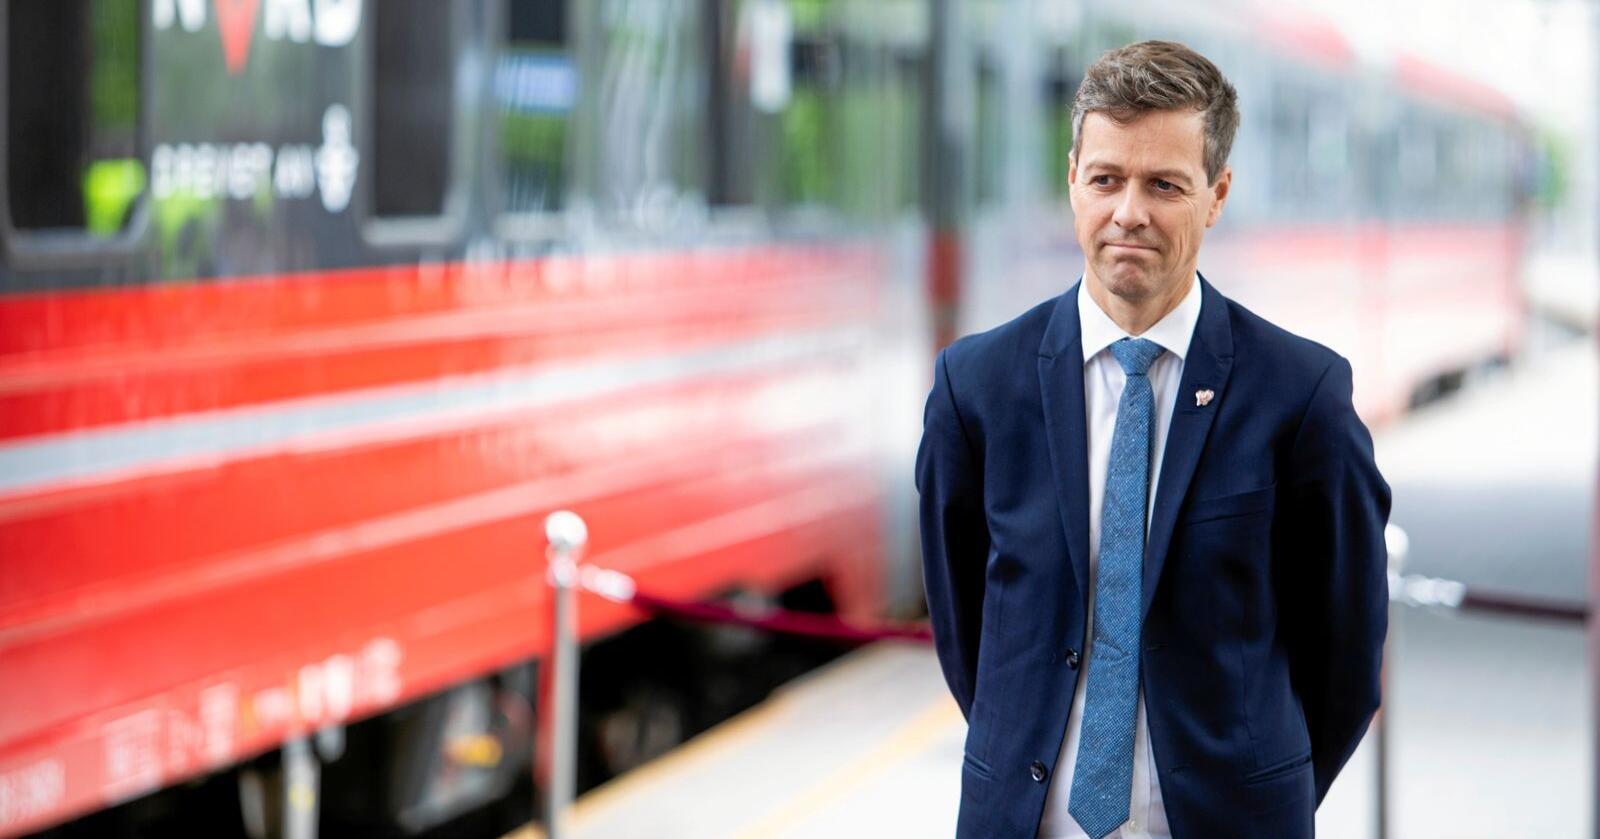 Samferdselsminister Knut Arild Hareide (KrF) blir i denne kronikken kritisert for å bagatellisere konsekvensene av EUs fjerde jernbanepakke. Foto: Tore Meek / NTB scanpix